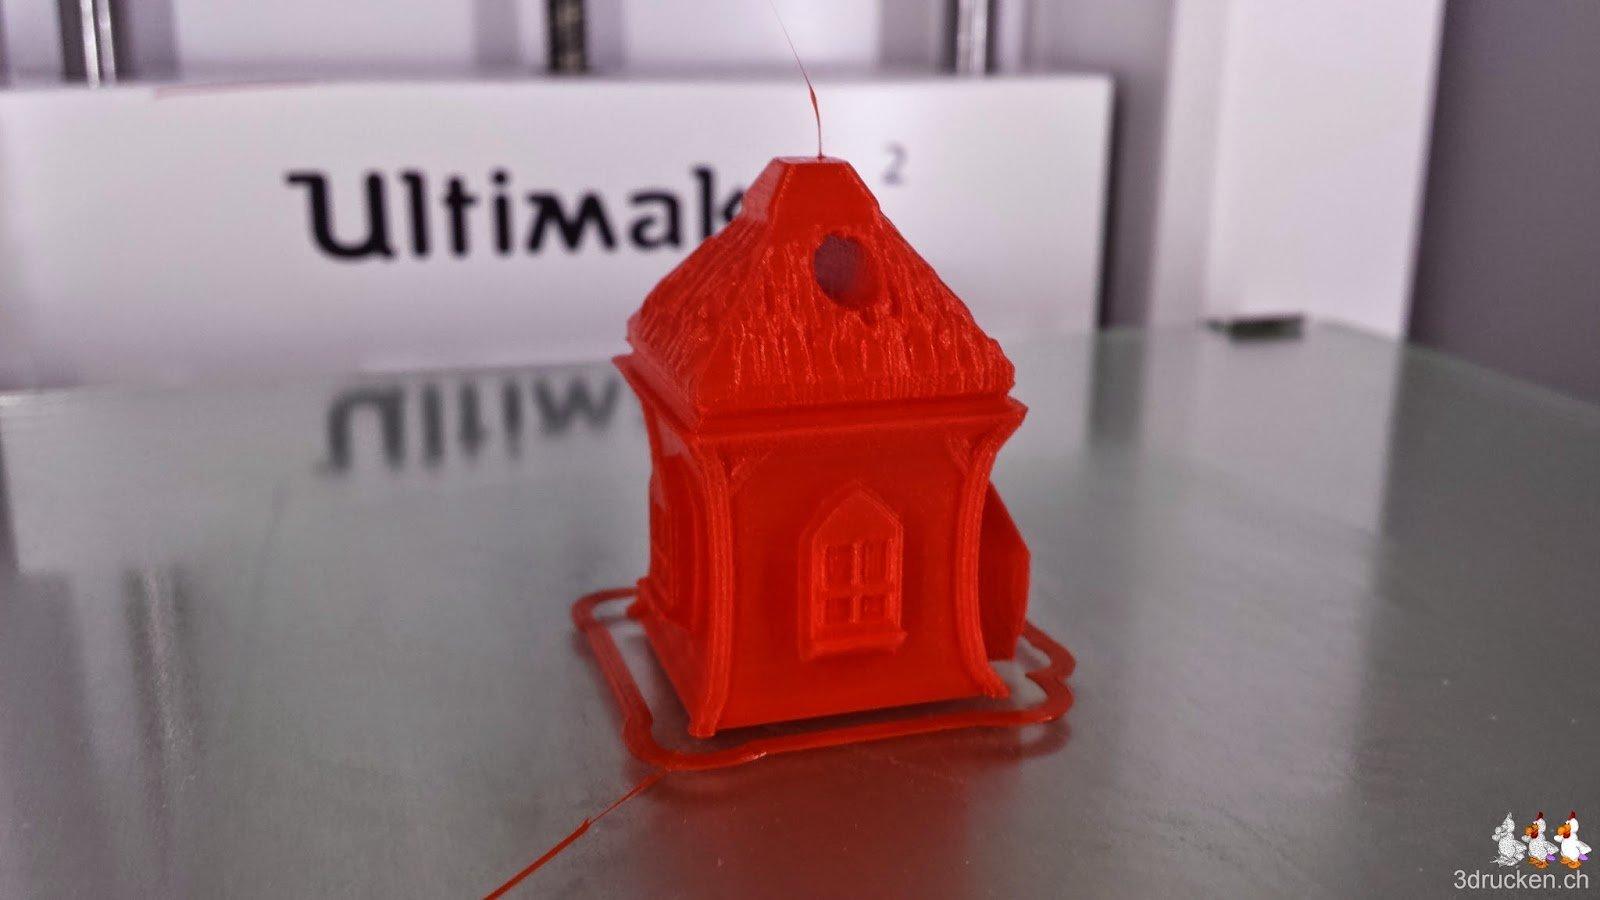 Foto des fertig gedruckten Elfenhäuschen aus rotem PLA auf dem Ultimaker 2 Drucktisch